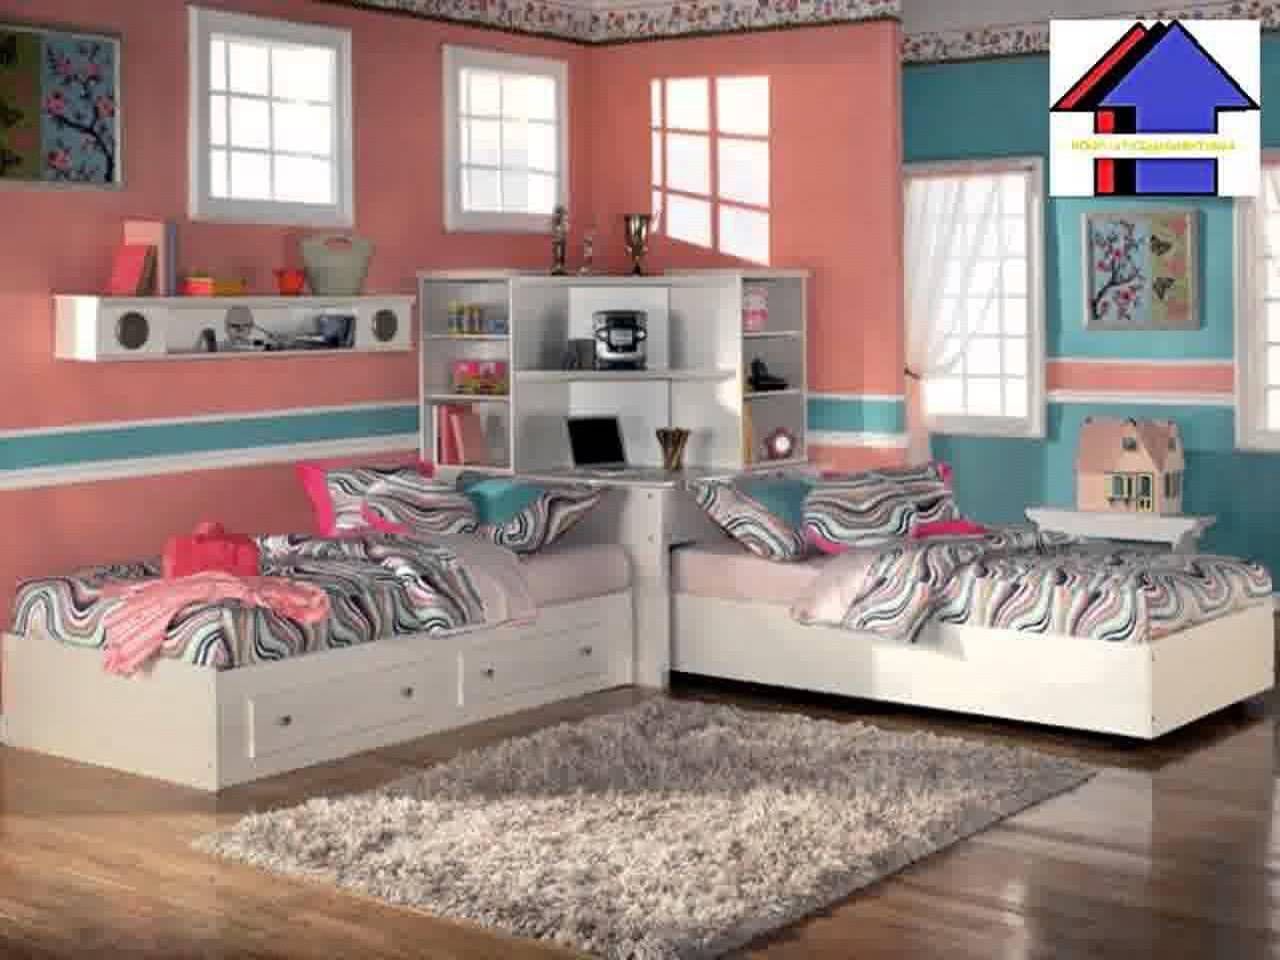 2 Kid Schlafzimmer Ideen Kinder Zimmer Schlafzimmer Ideen Babyzimmer Wandgestaltung